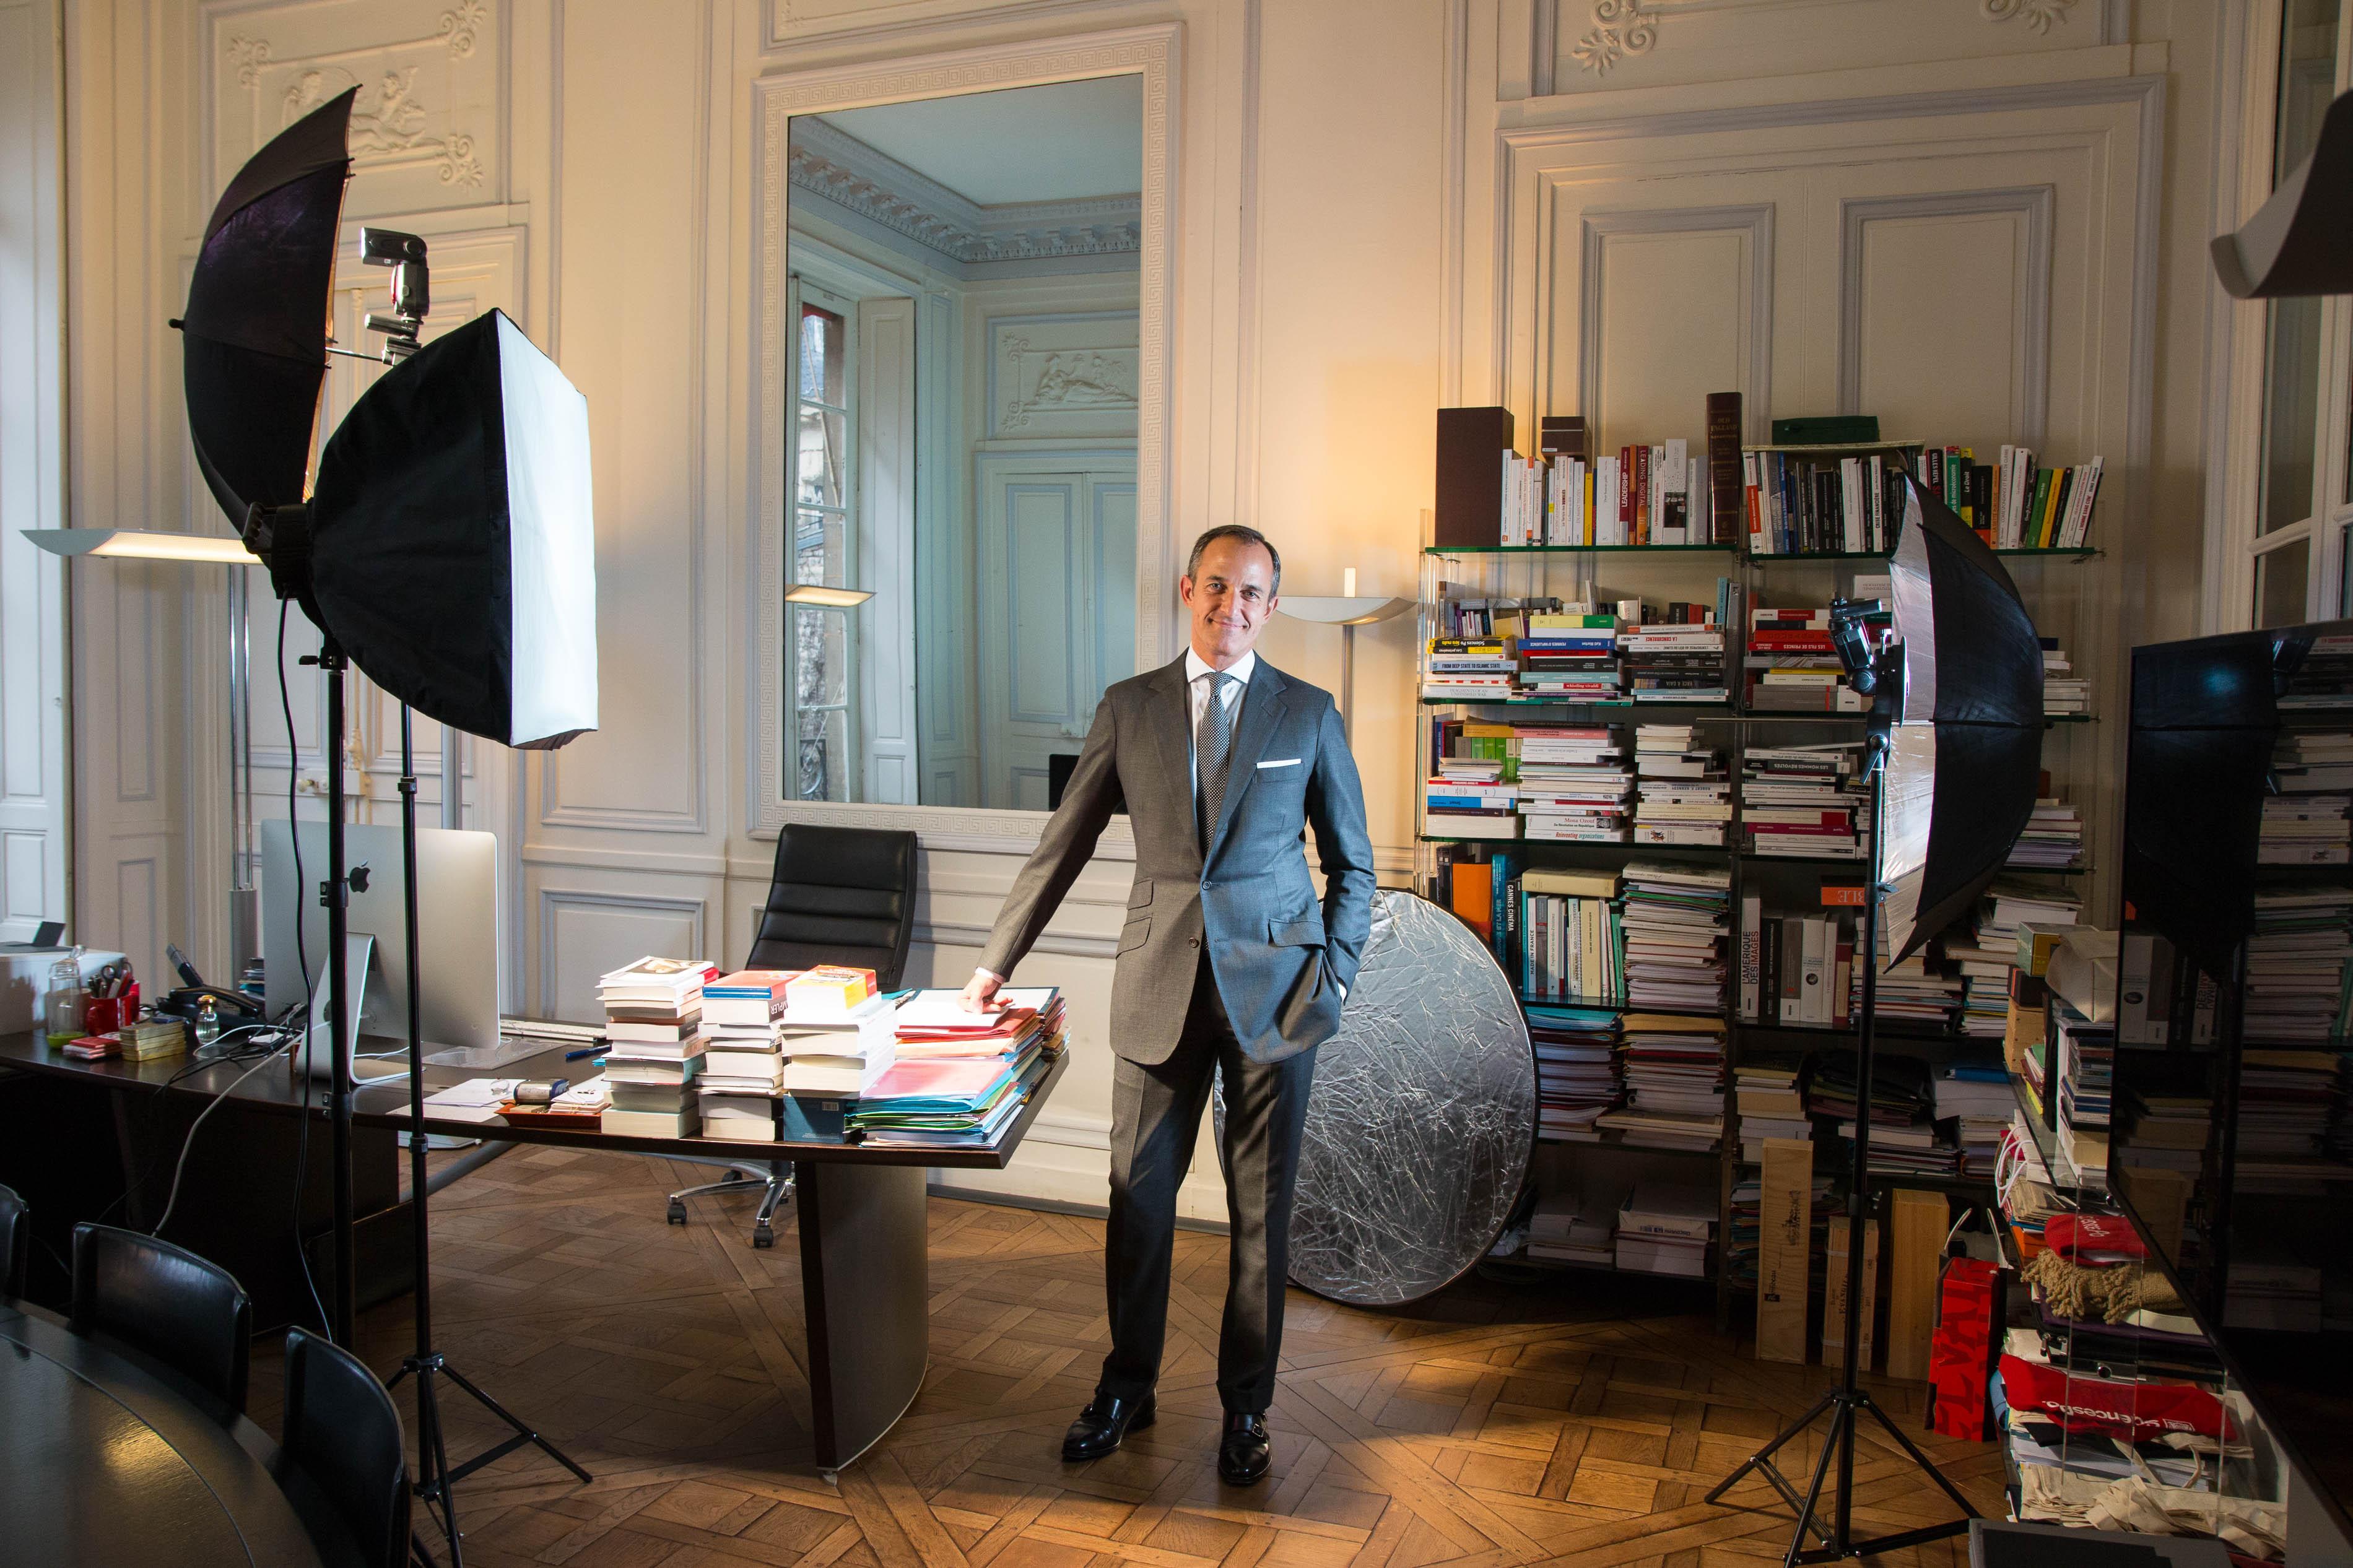 Frédéric Mion, directeur de Sciences Po, pose pour un portrait dans son bureau à Paris, le 1er mars 2017.